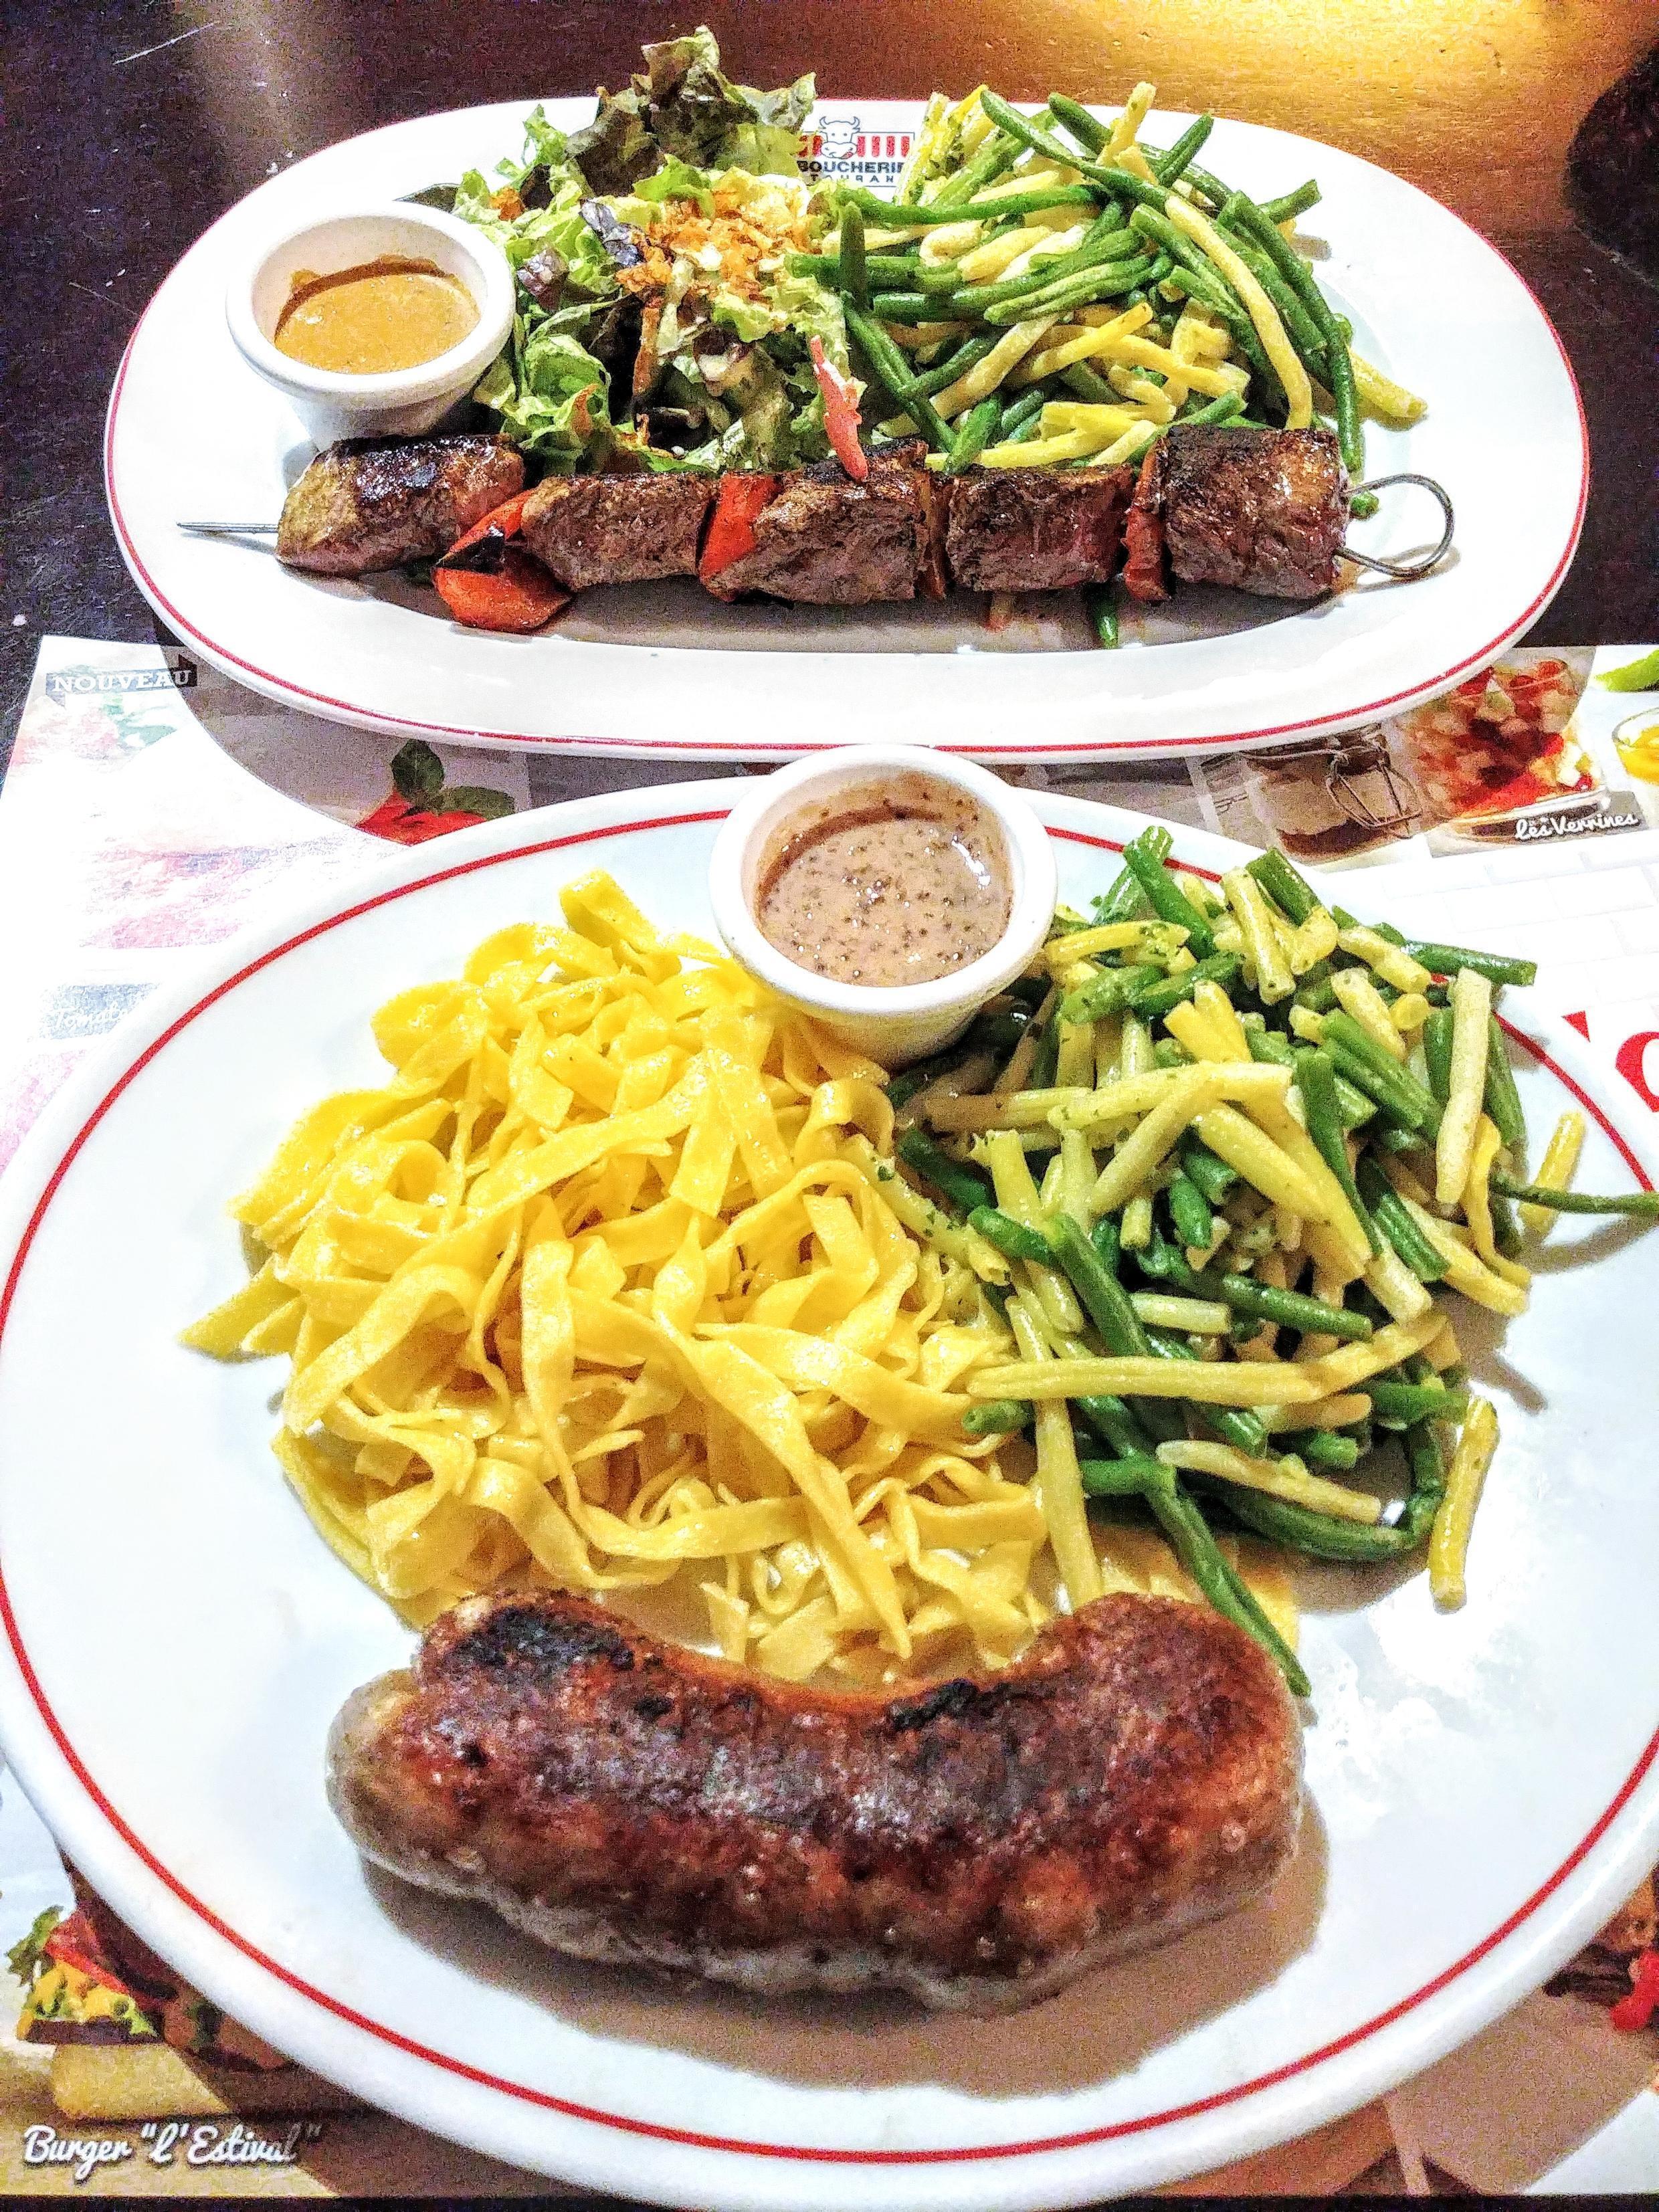 Món andouillette lorraine giống như món dồi lợn làm với bao tử, lòng non trộn với thịt băm và gia vị